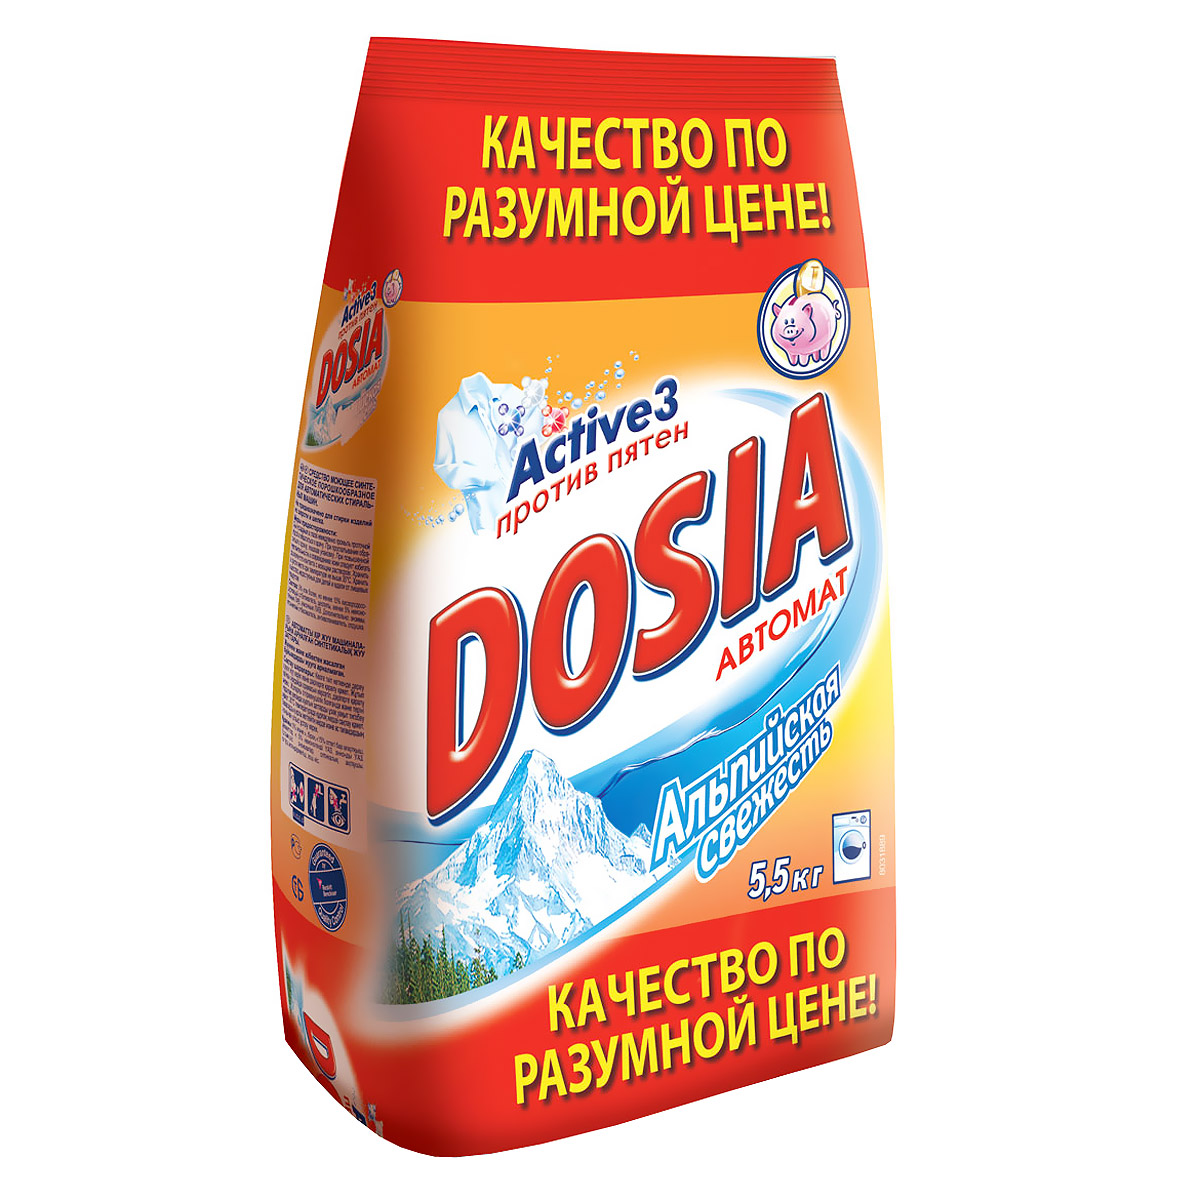 Стиральный порошок Dosia Альпийская свежесть, автомат, 5,5 кг рб dosia стир порошок авт белый снег 1 8кг 953037